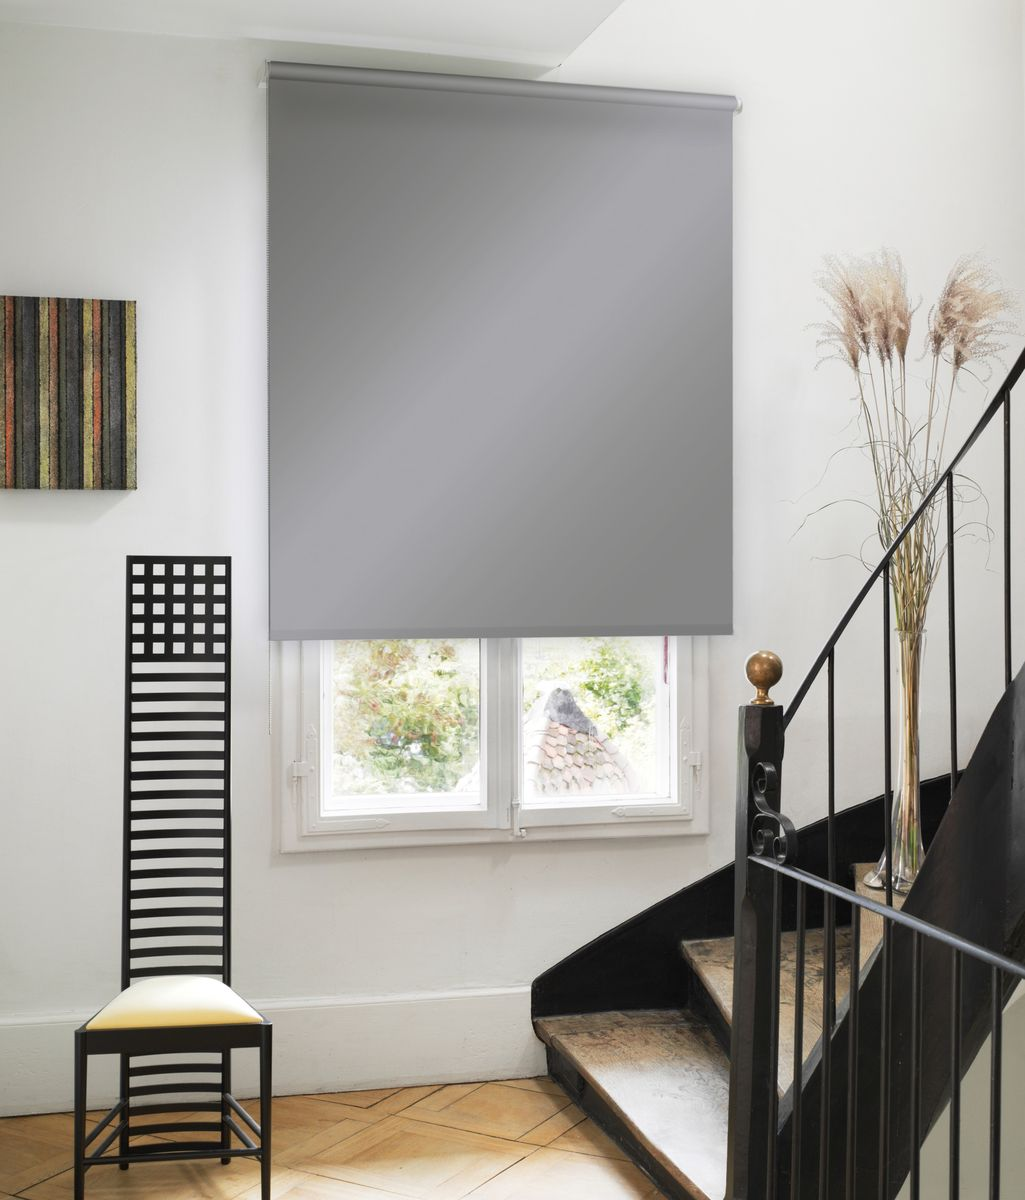 Штора рулонная Эскар Миниролло, цвет: серый, ширина 115 см, высота 170 см31020115170Рулонными шторами можно оформлять окна как самостоятельно, так и использовать в комбинации с портьерами. Это поможет предотвратить выгорание дорогой ткани на солнце и соединит функционал рулонных с красотой навесных. Преимущества применения рулонных штор для пластиковых окон: - имеют прекрасный внешний вид: многообразие и фактурность материала изделия отлично смотрятся в любом интерьере;- многофункциональны: есть возможность подобрать шторы способные эффективно защитить комнату от солнца, при этом она не будет слишком темной. - Есть возможность осуществить быстрый монтаж.ВНИМАНИЕ! Размеры ширины изделия указаны по ширине ткани! Во время эксплуатации не рекомендуется полностью разматывать рулон, чтобы не оторвать ткань от намоточного вала. В случае загрязнения поверхности ткани, чистку шторы проводят одним из способов, в зависимости от типа загрязнения:легкое поверхностное загрязнение можно удалить при помощи канцелярского ластика;чистка от пыли производится сухим методом при помощи пылесоса с мягкой щеткой-насадкой;для удаления пятна используйте мягкую губку с пенообразующим неагрессивным моющим средством или пятновыводитель на натуральной основе (нельзя применять растворители).